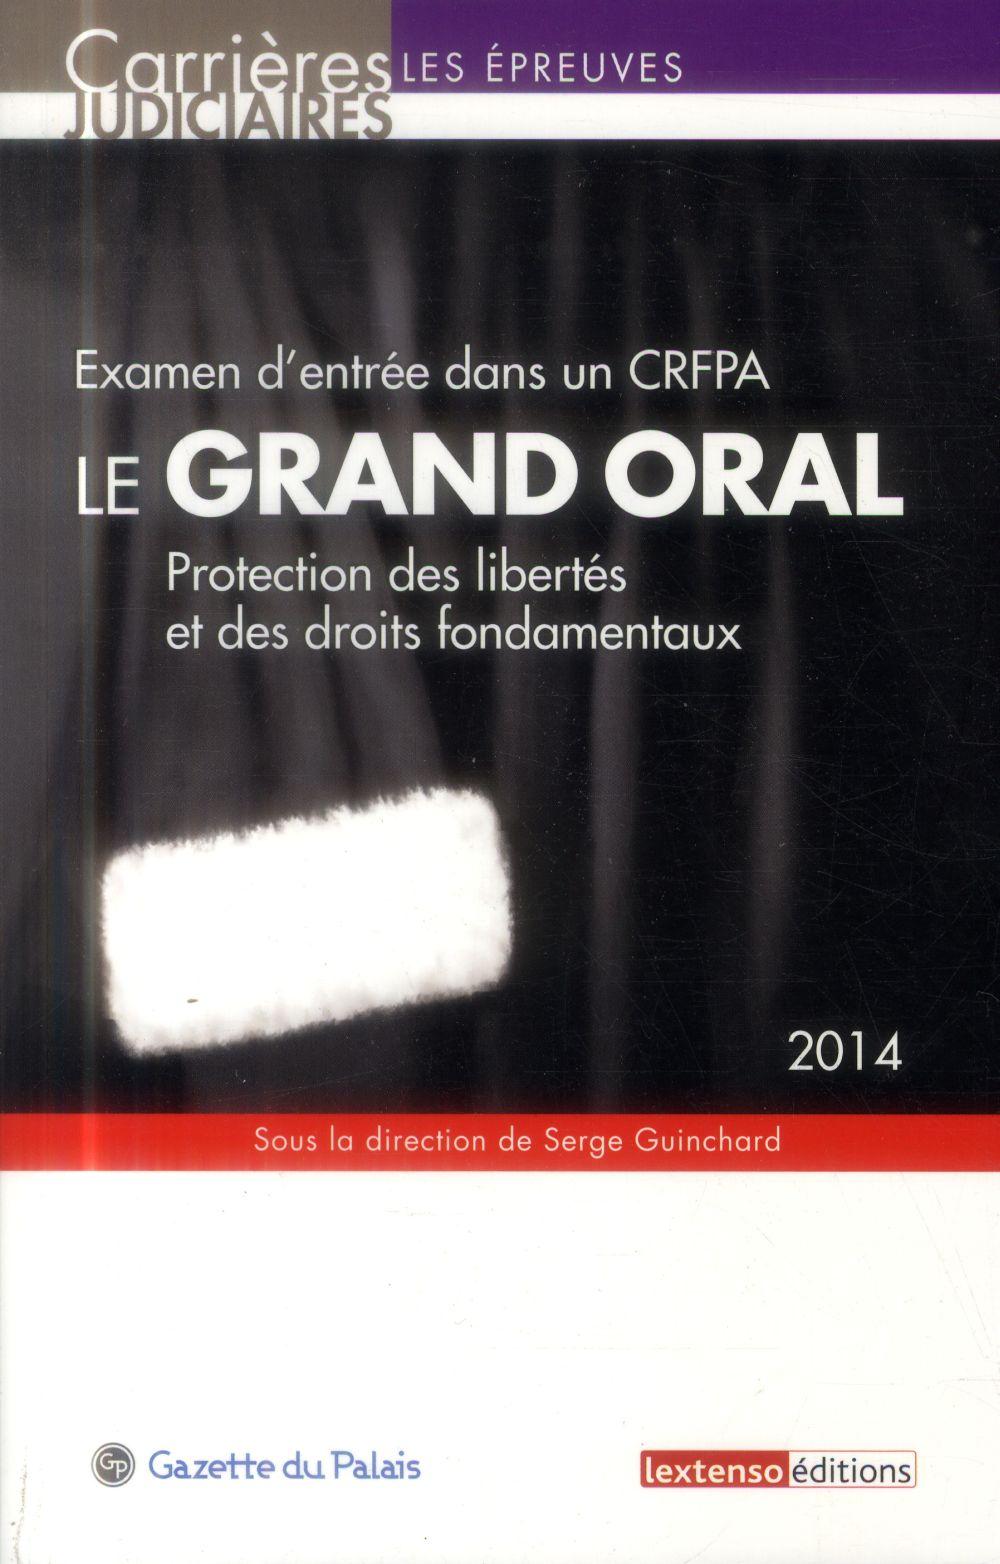 Examen d'entrée dans un CRFPA ; le grand oral ; protection des libertés et des droits fondamentaux ; 2014